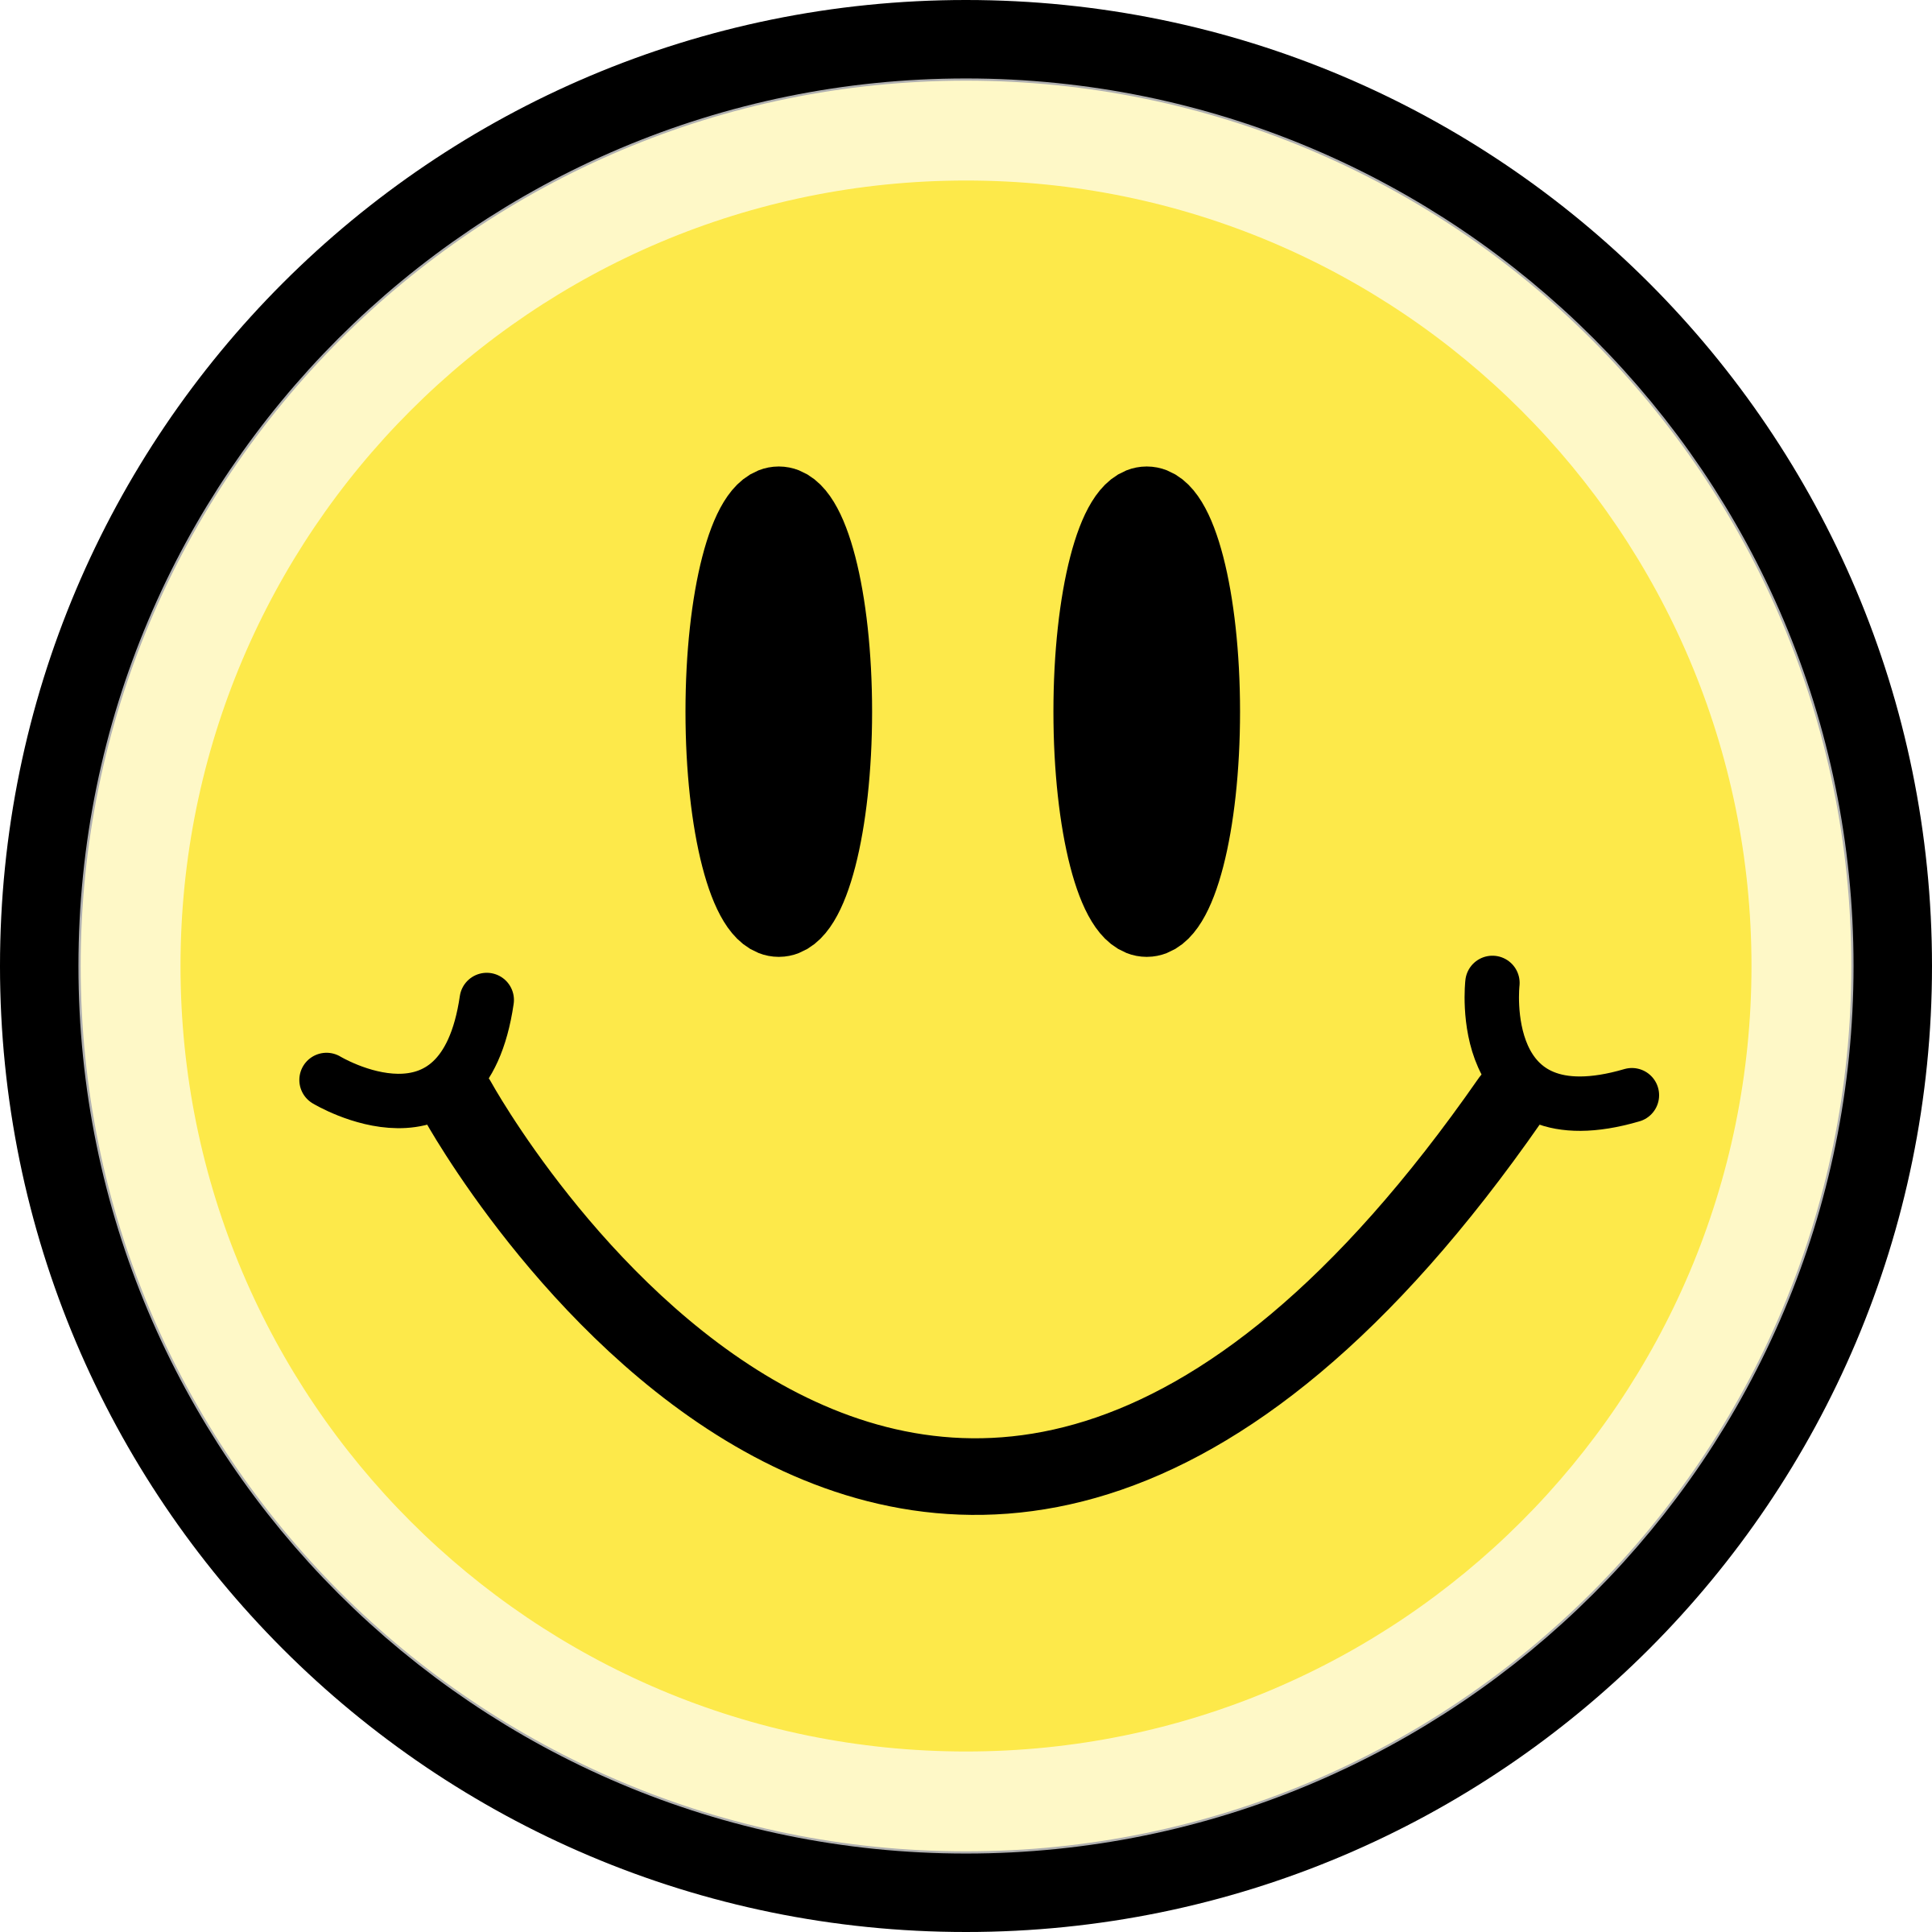 Facebooksymbole Smileysymbol Emojisymbol Emoticon - HD2400×2400